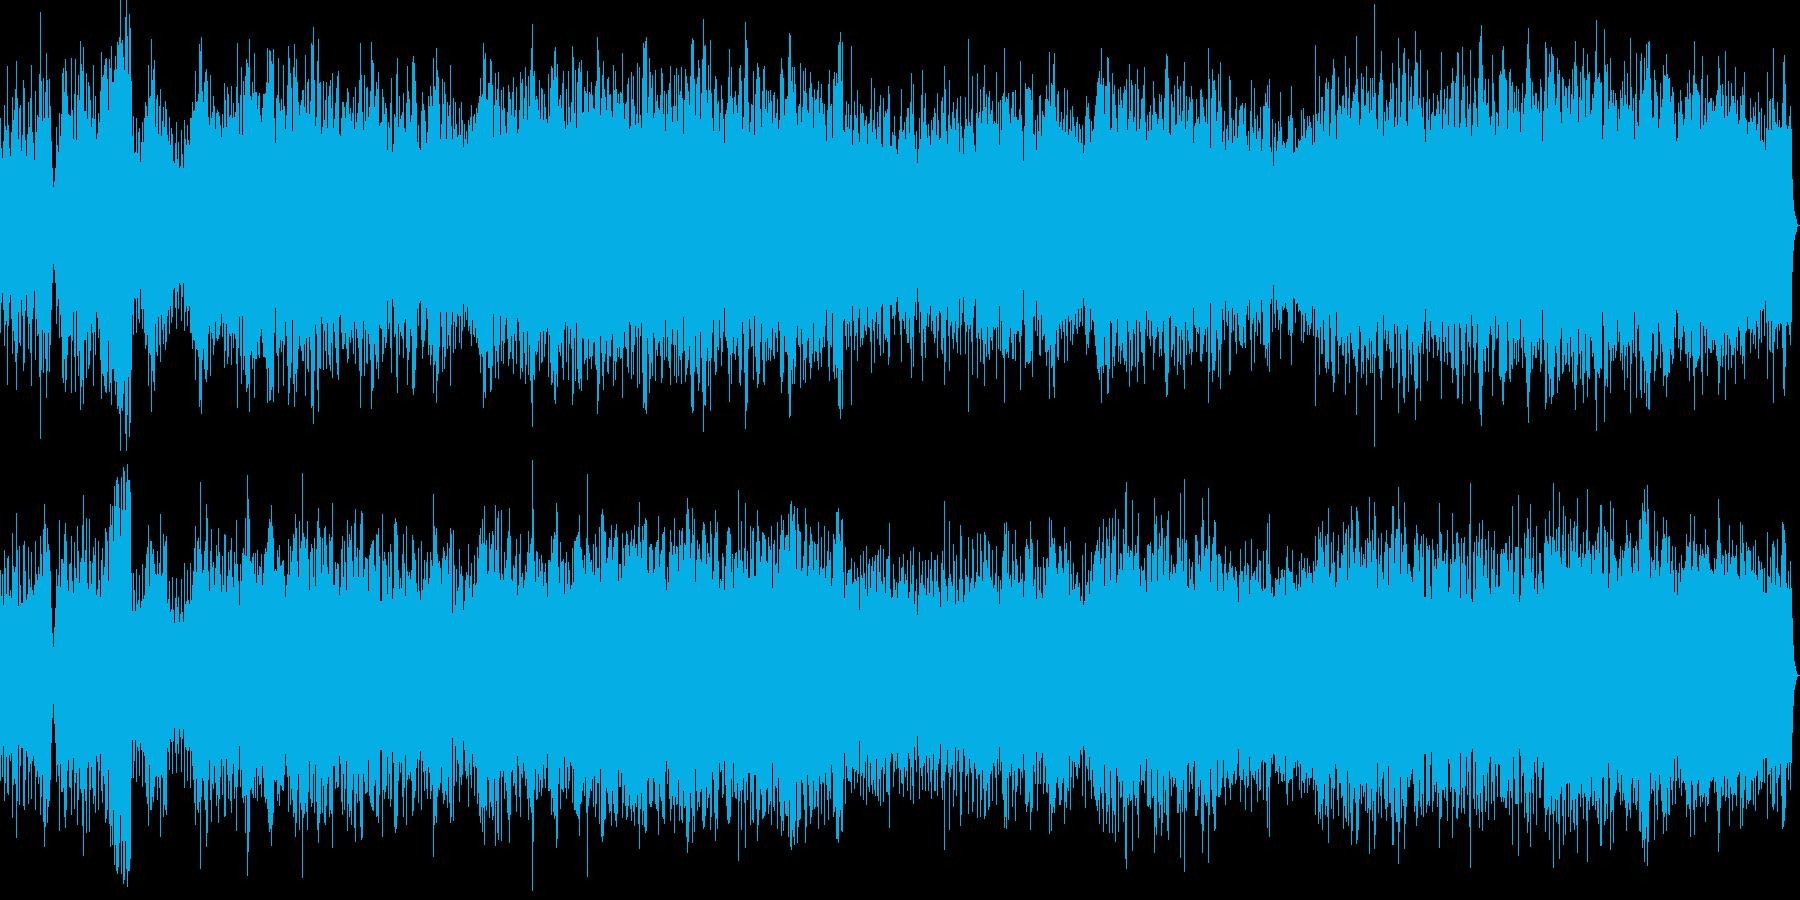 ダークロード ボス戦や暗黒のエリアBGMの再生済みの波形